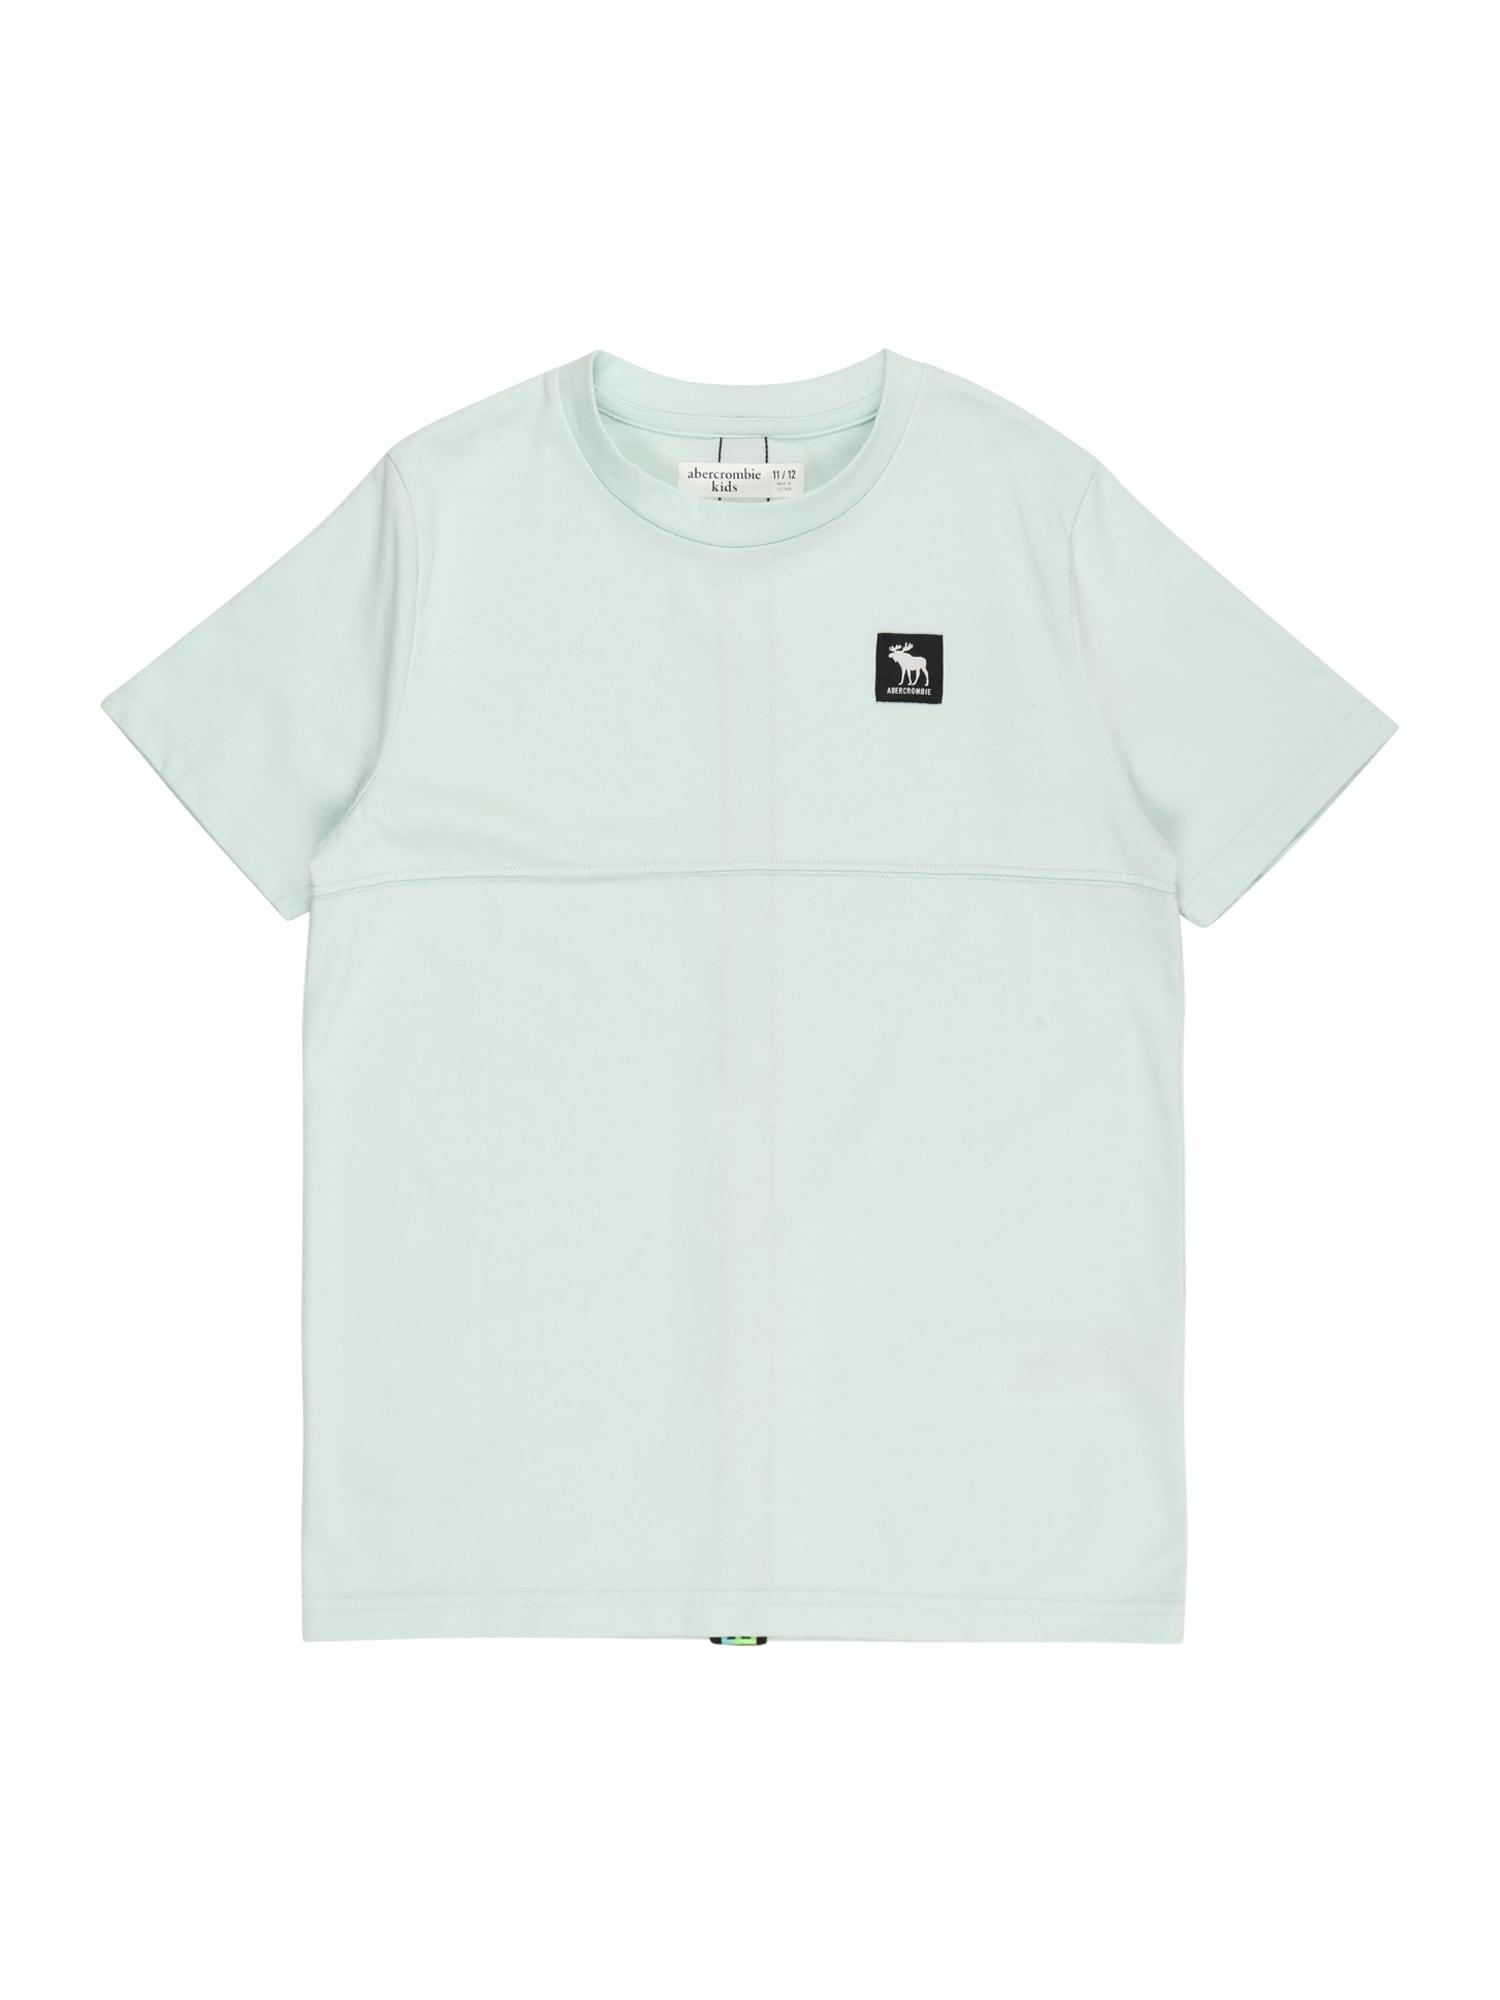 Abercrombie & Fitch Marškinėliai pastelinė žalia / juoda / žalia